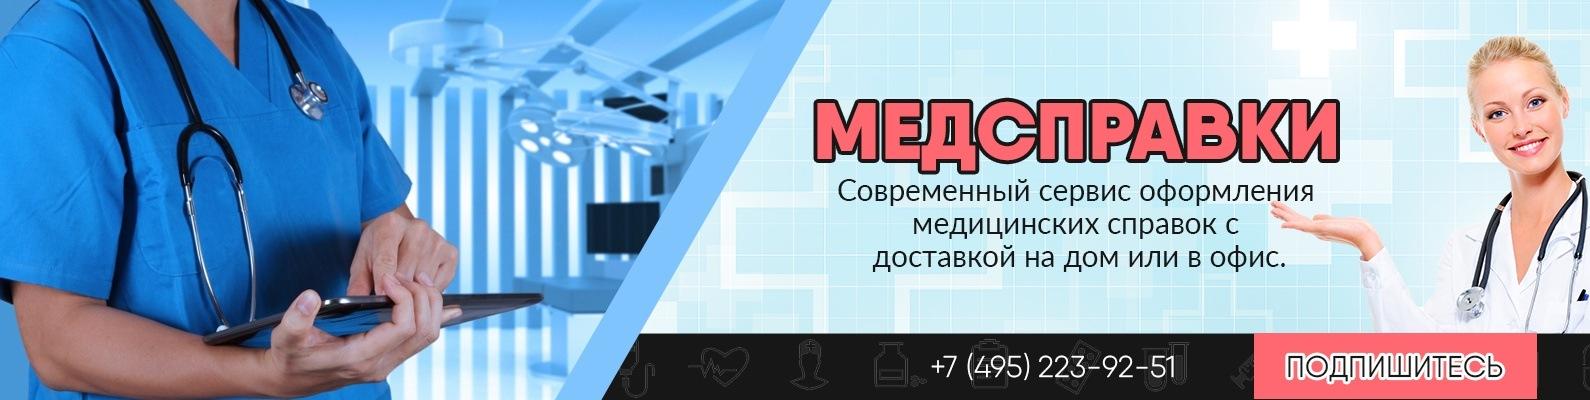 Медицинская книжка с доставкой на дом Москва Донской